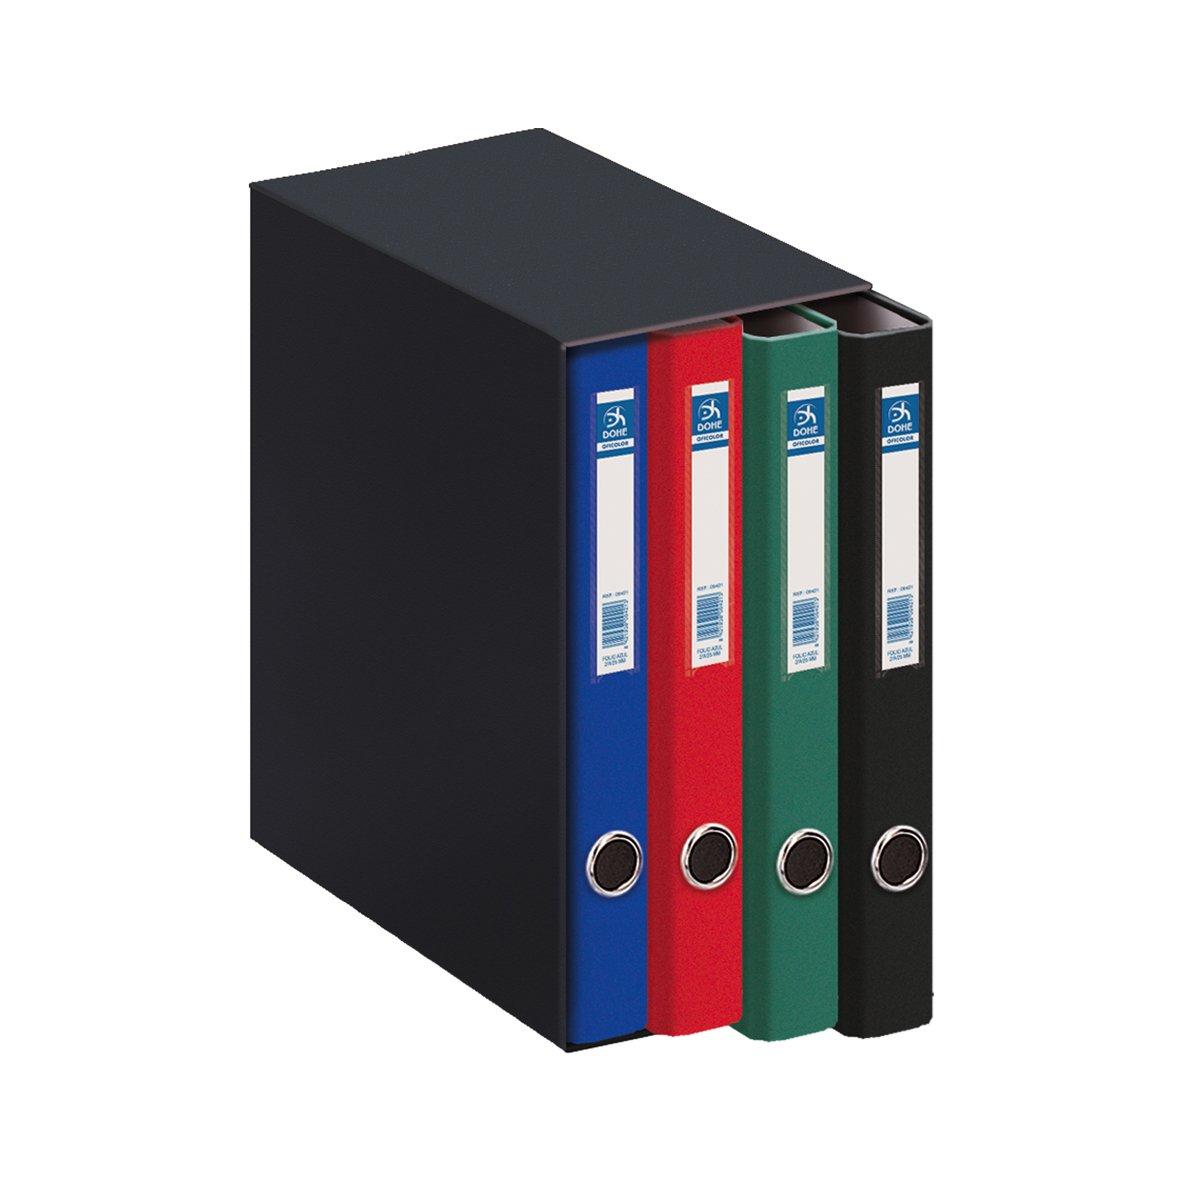 Dohe Oficolor - Módulo, 4 carpetas, folio, multicolor: Amazon.es: Oficina y papelería